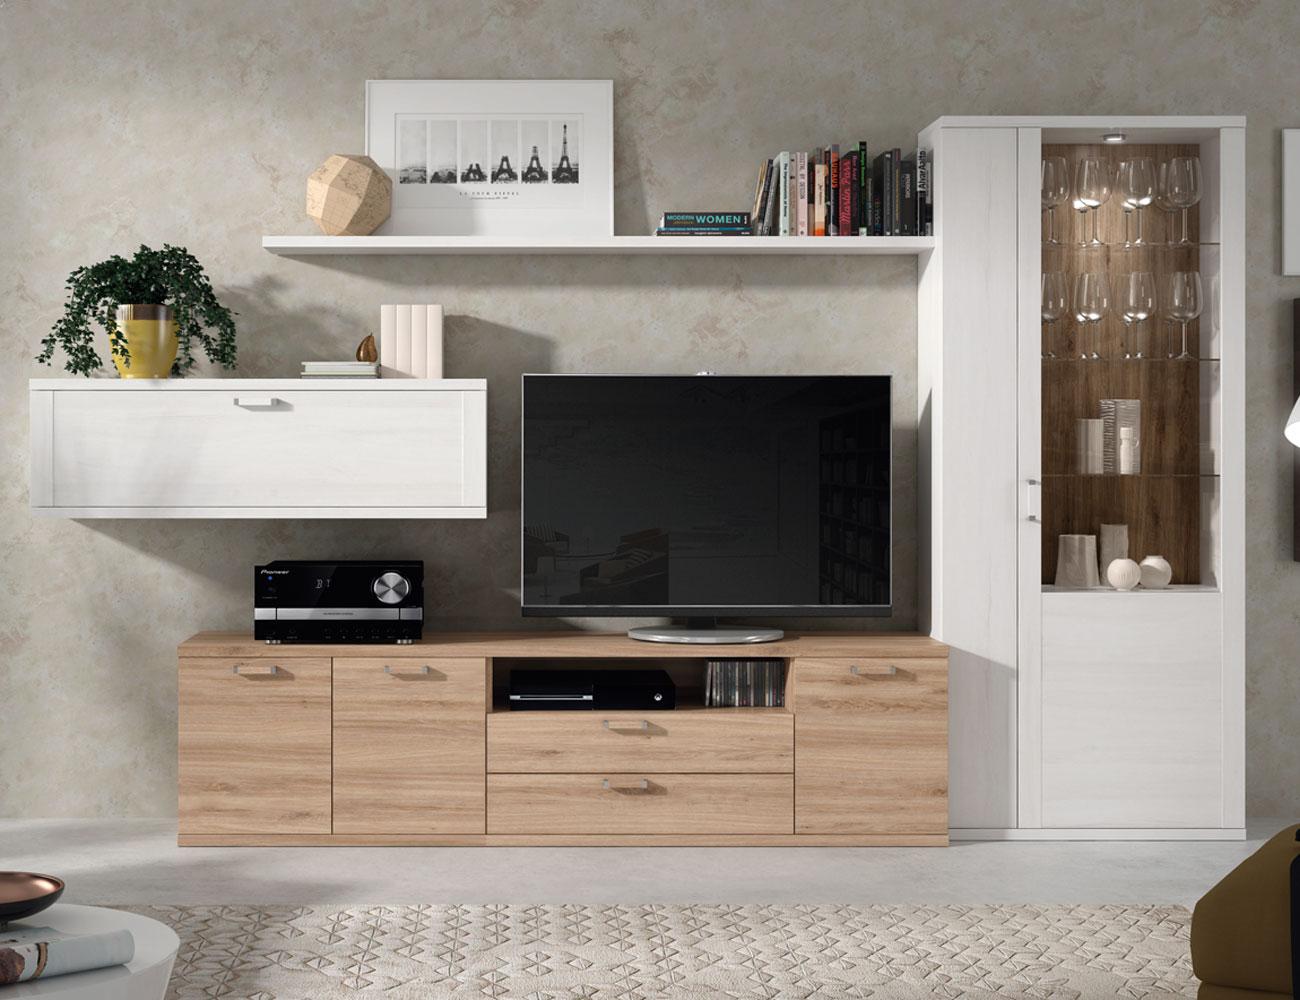 411 mueble salon comedor vitrina tv roble natural1